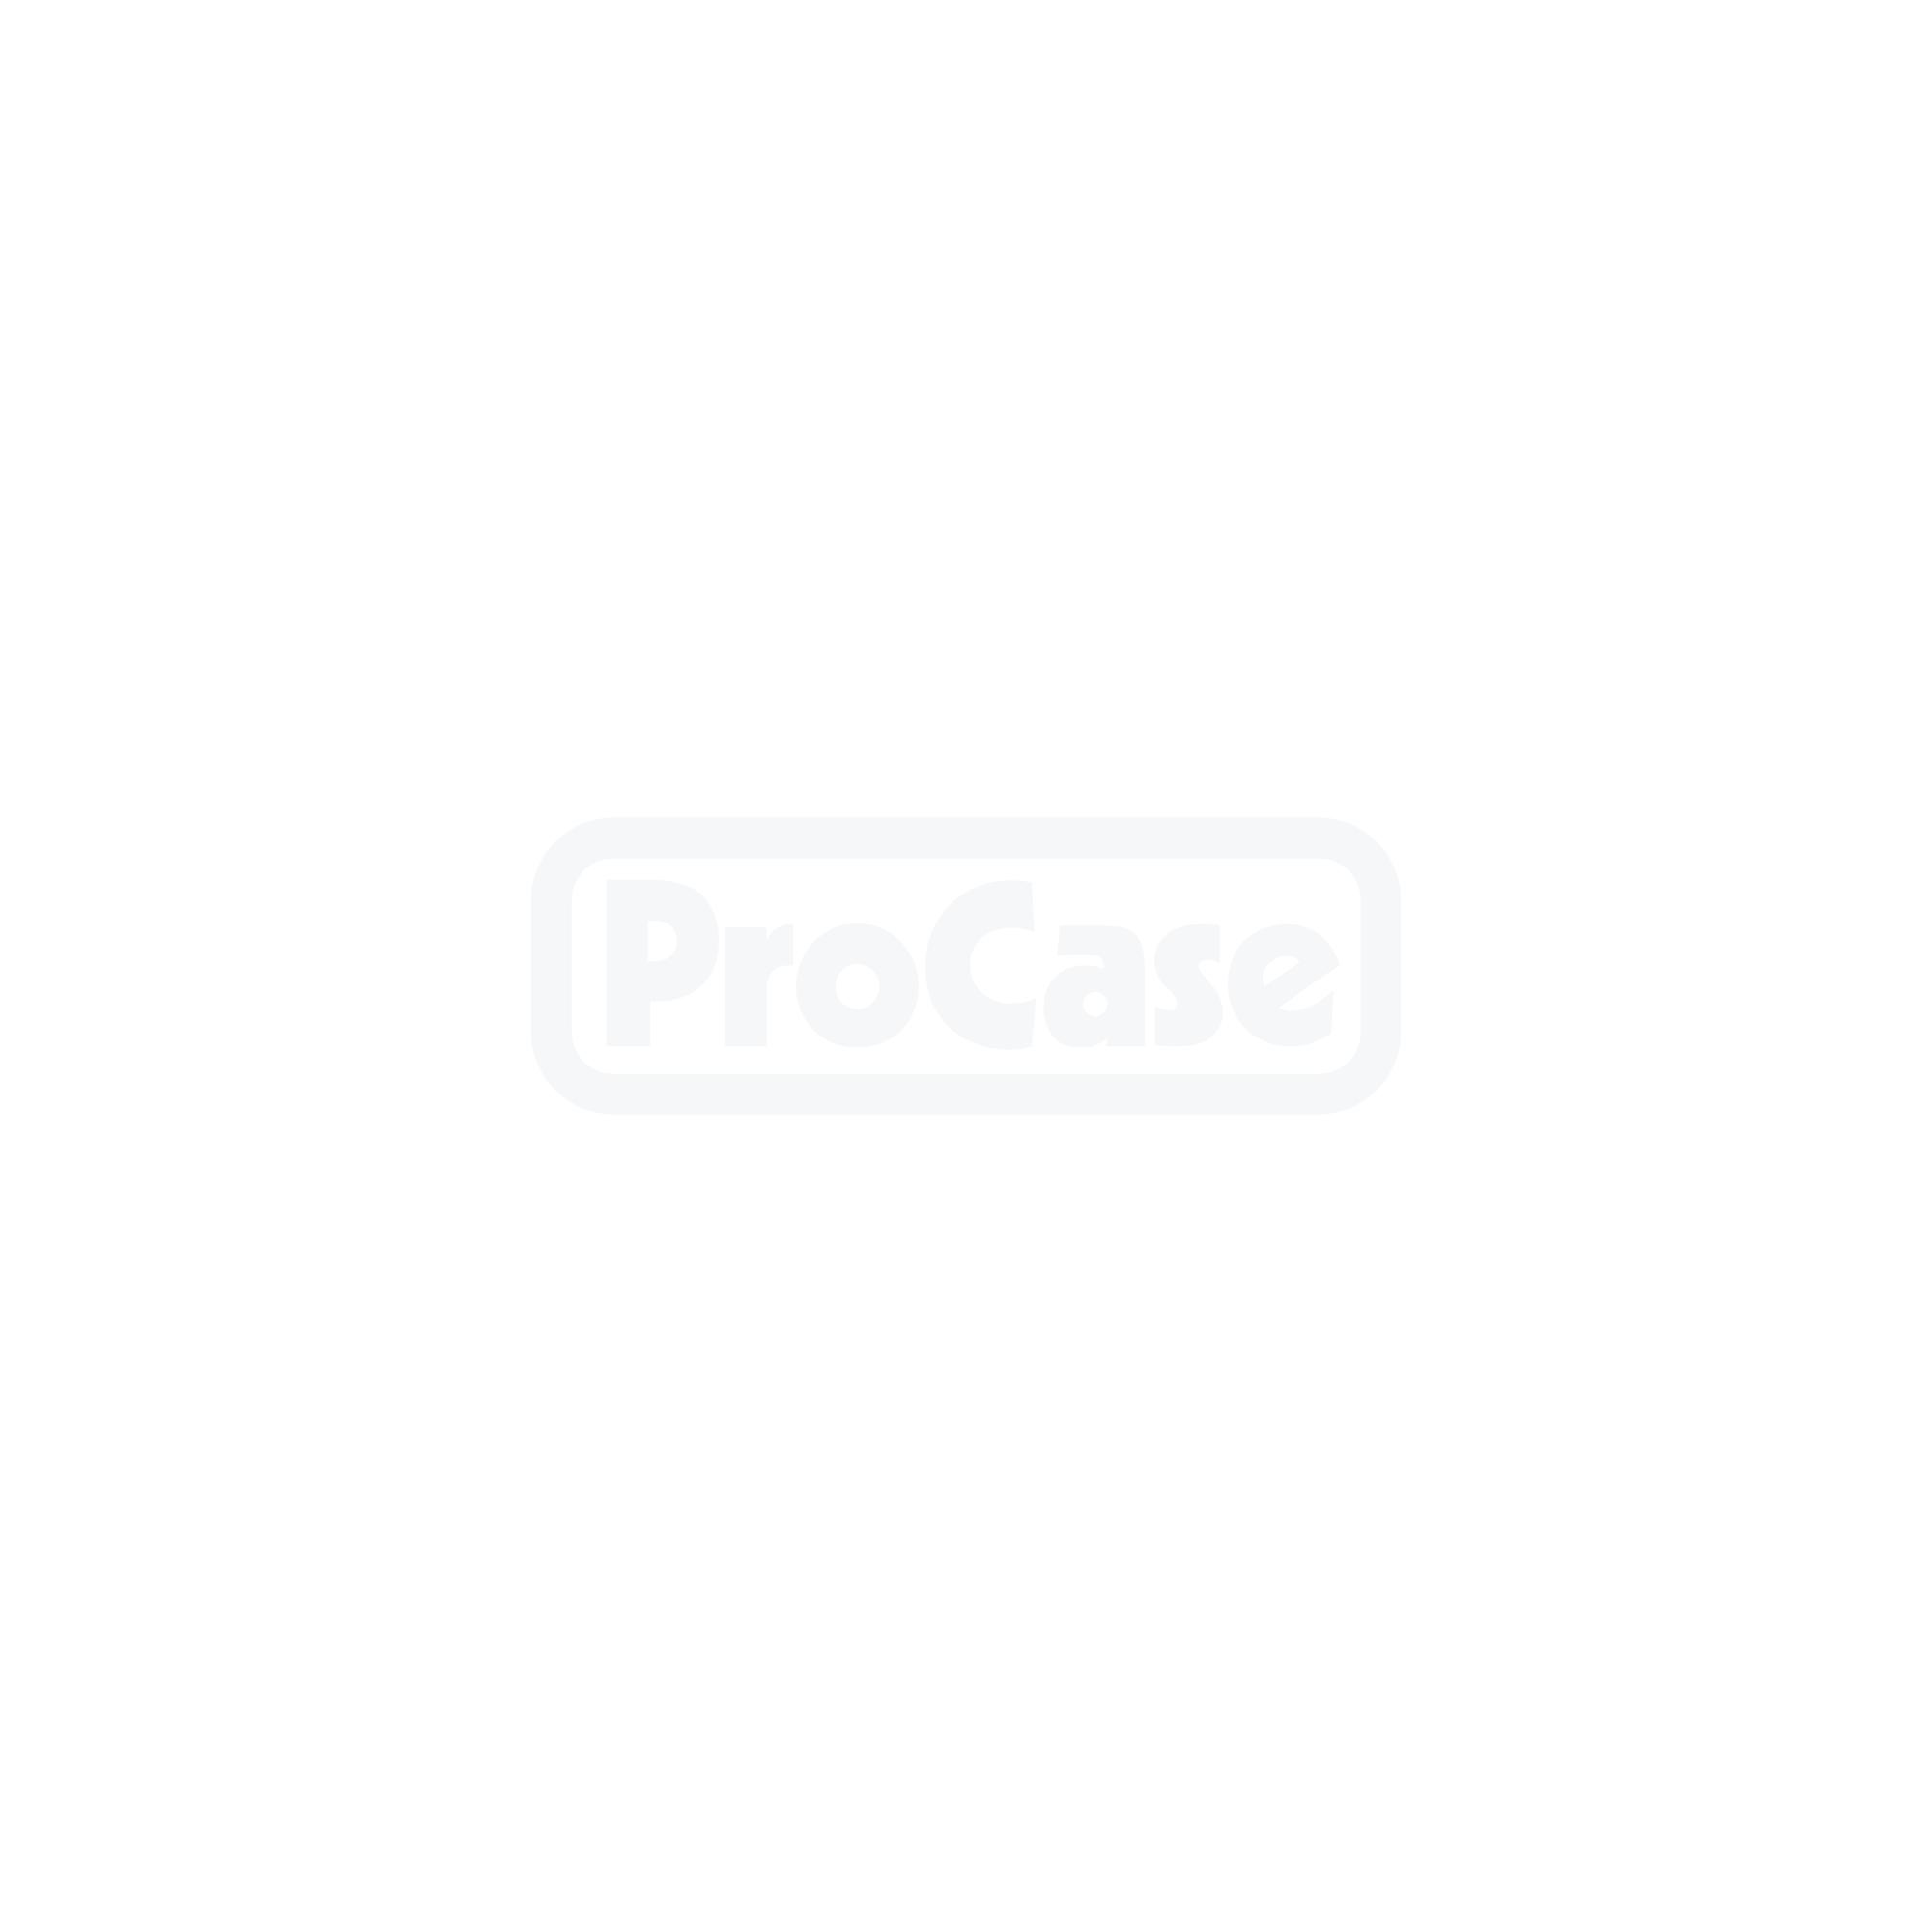 Transportwagen für 4 Shure MXCWNCS Ladestationen und 2 MXCWAPT Access Points